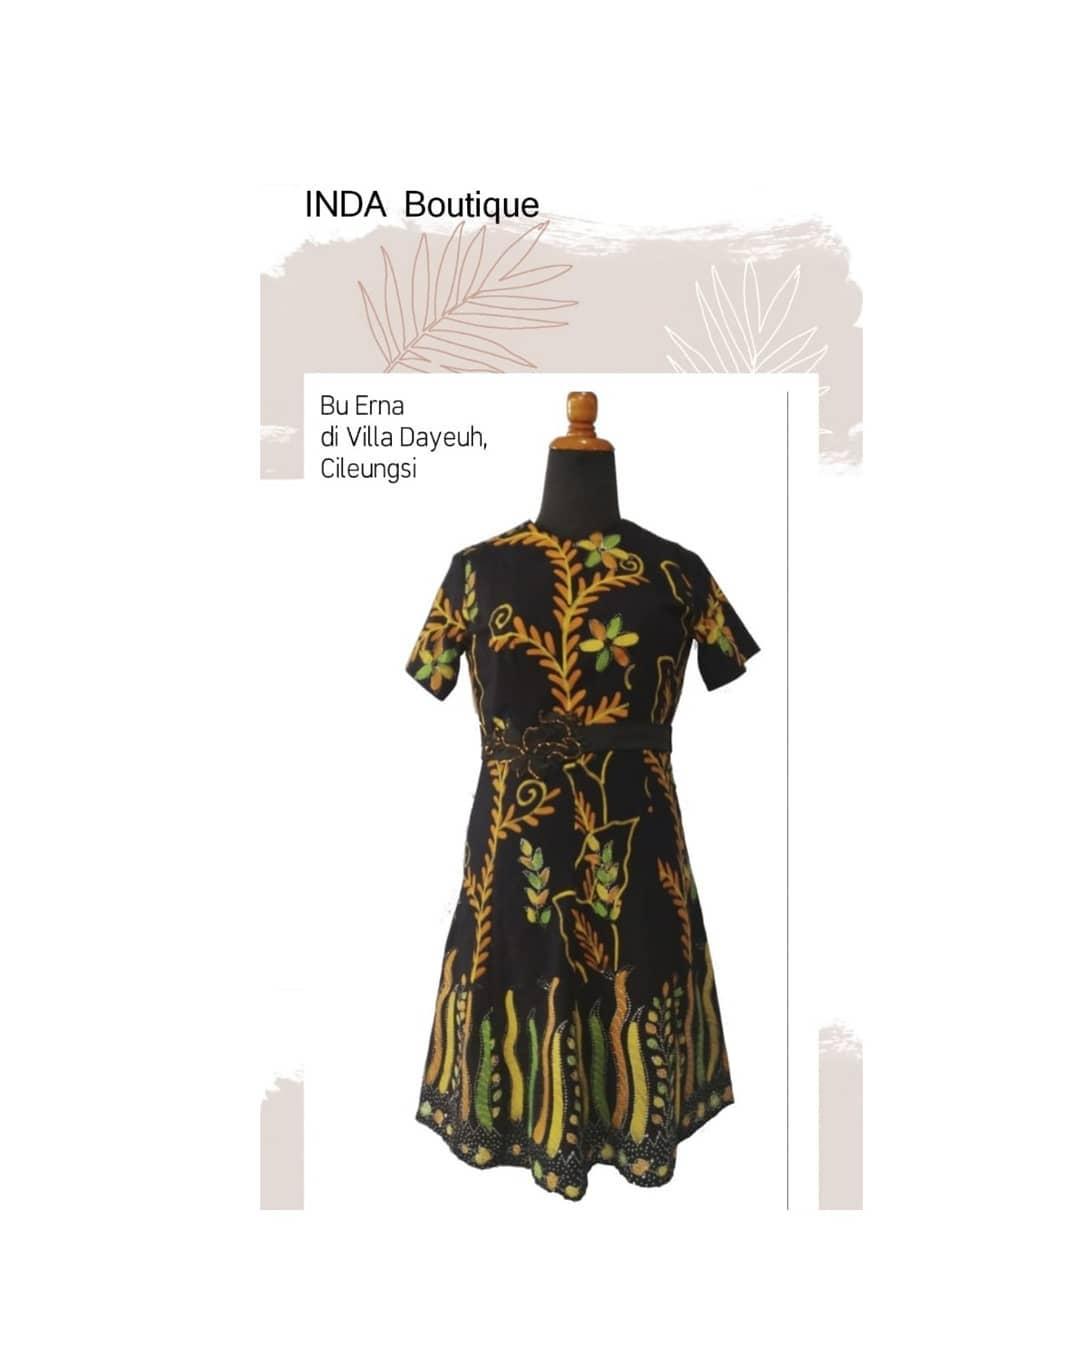 Dress Batik Cantik untuk Ibu Erna di Villa Dayeuh – Cileungsi